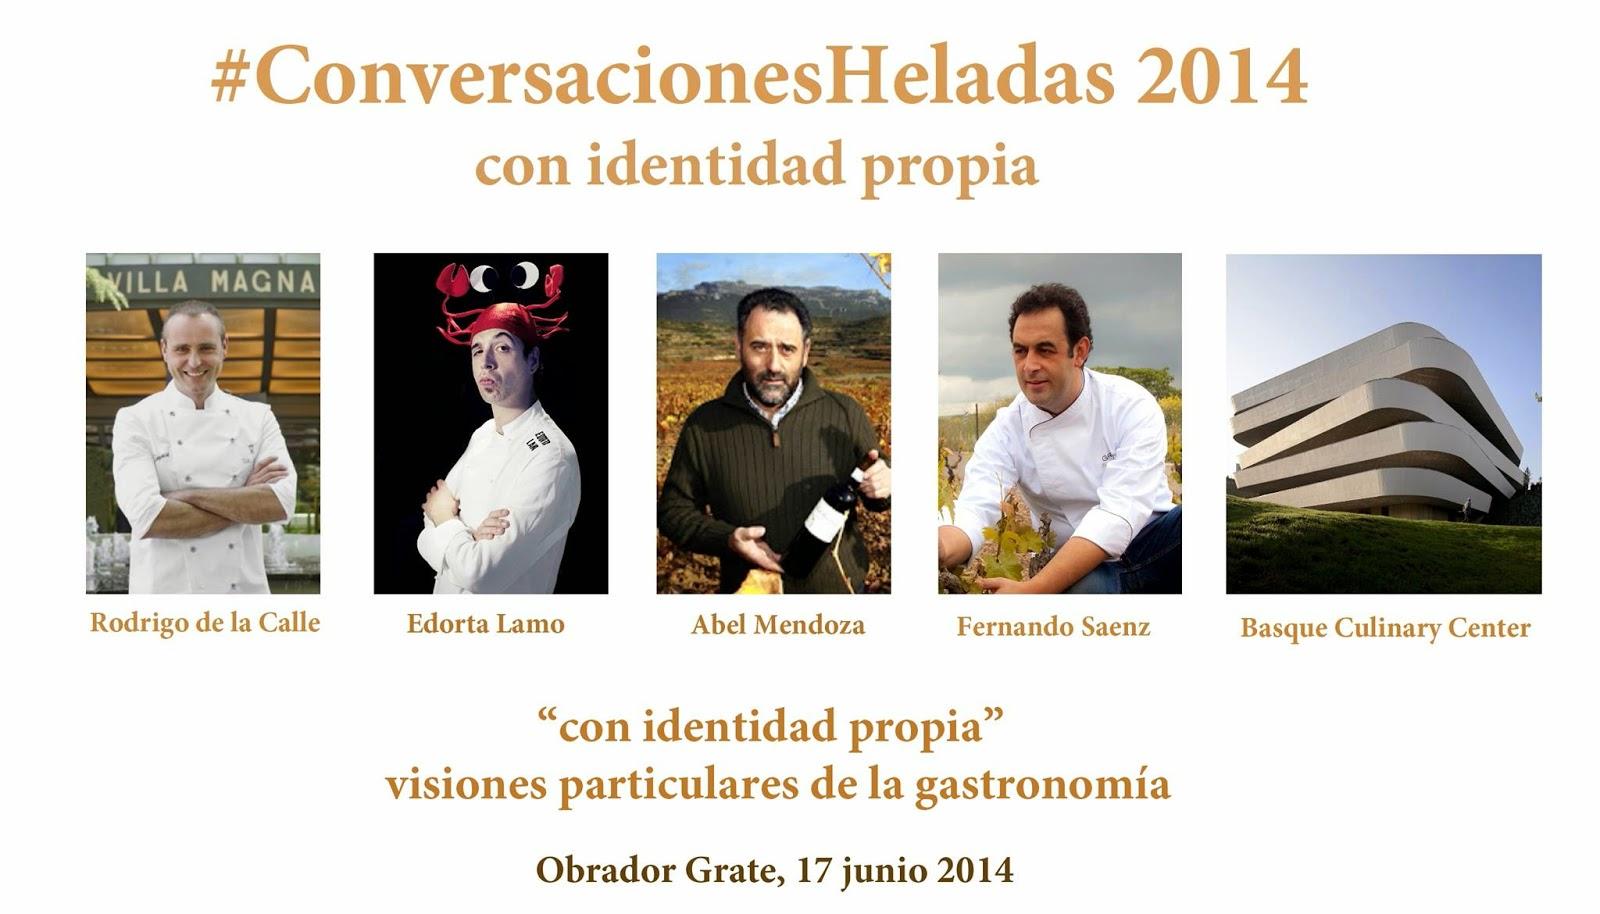 Conversaciones Heladas 2014